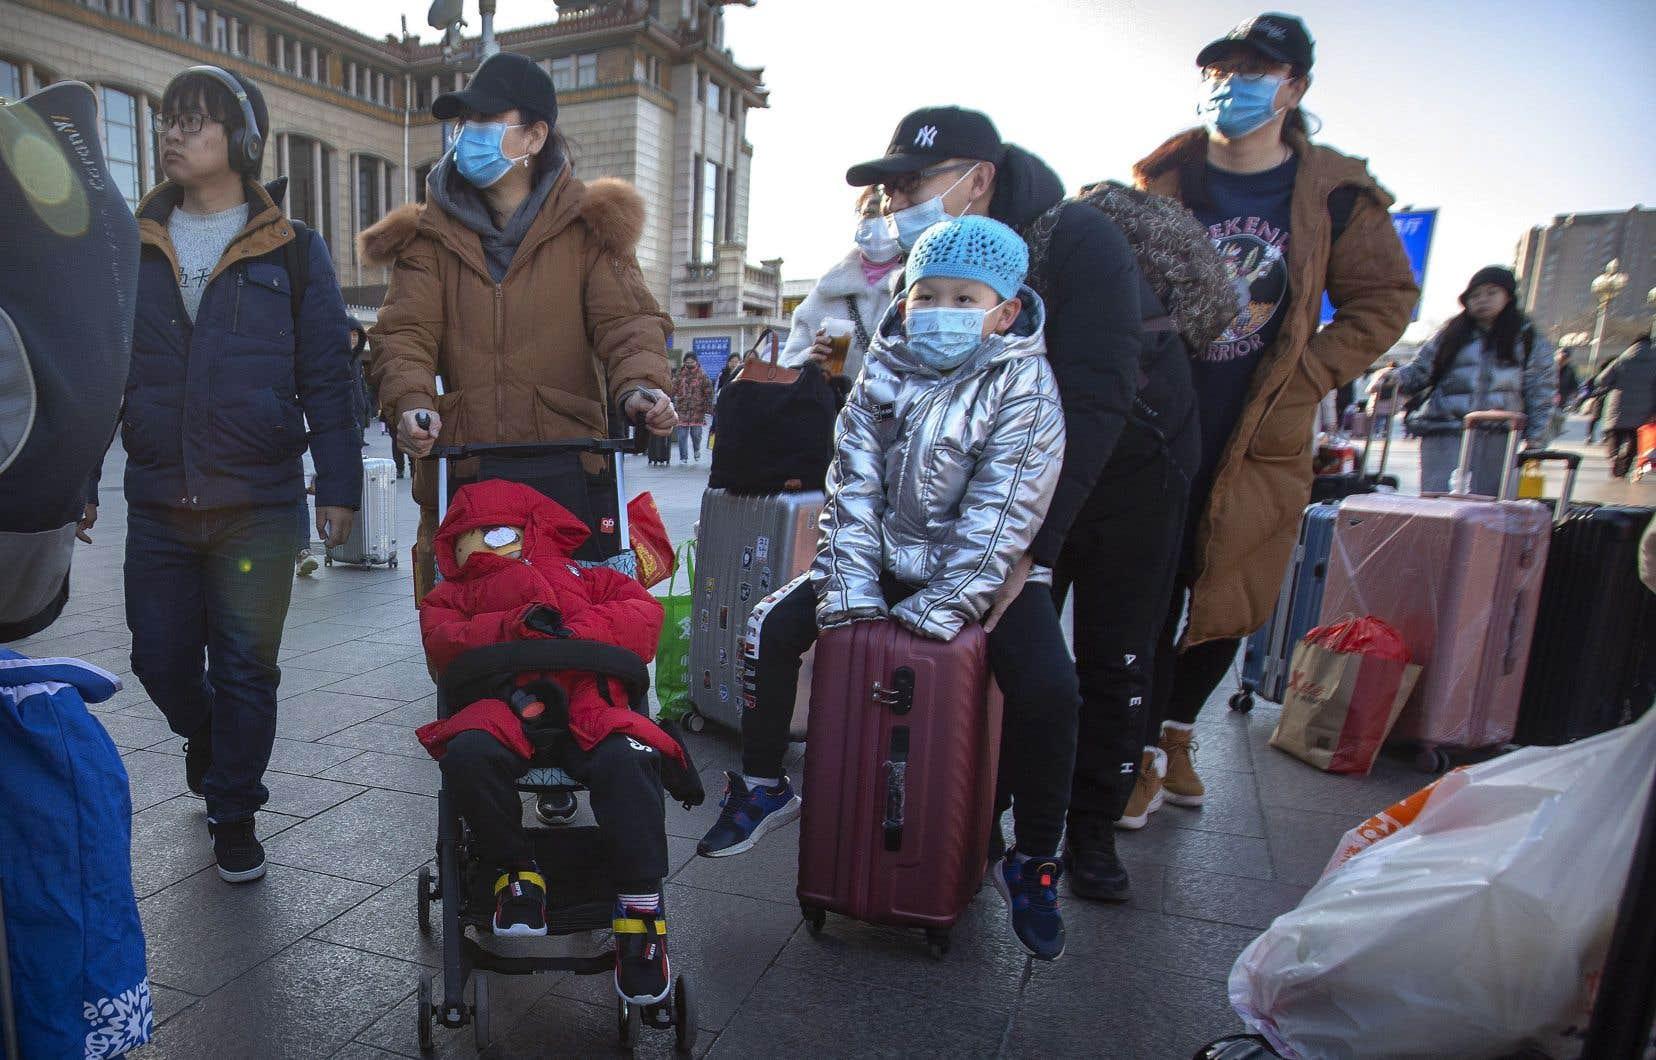 Un nouveau coronavirus sévit en Chine, alors que des millions de voyageurs se déplacent pour les fêtes du Nouvel An.